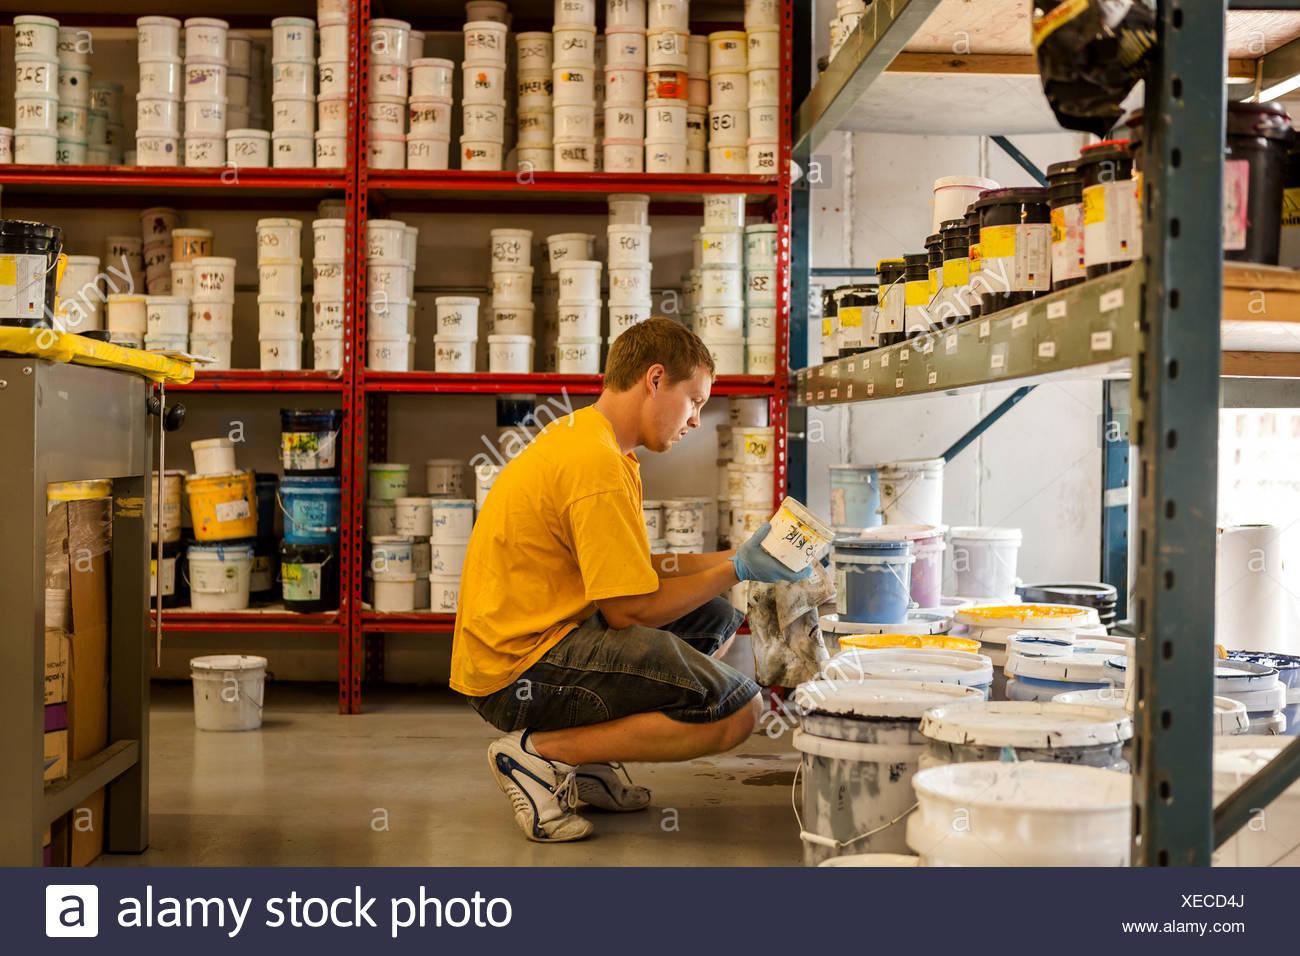 Mann auf der Suche nach Tinte in Bildschirm Druckwerkstatt Stockbild